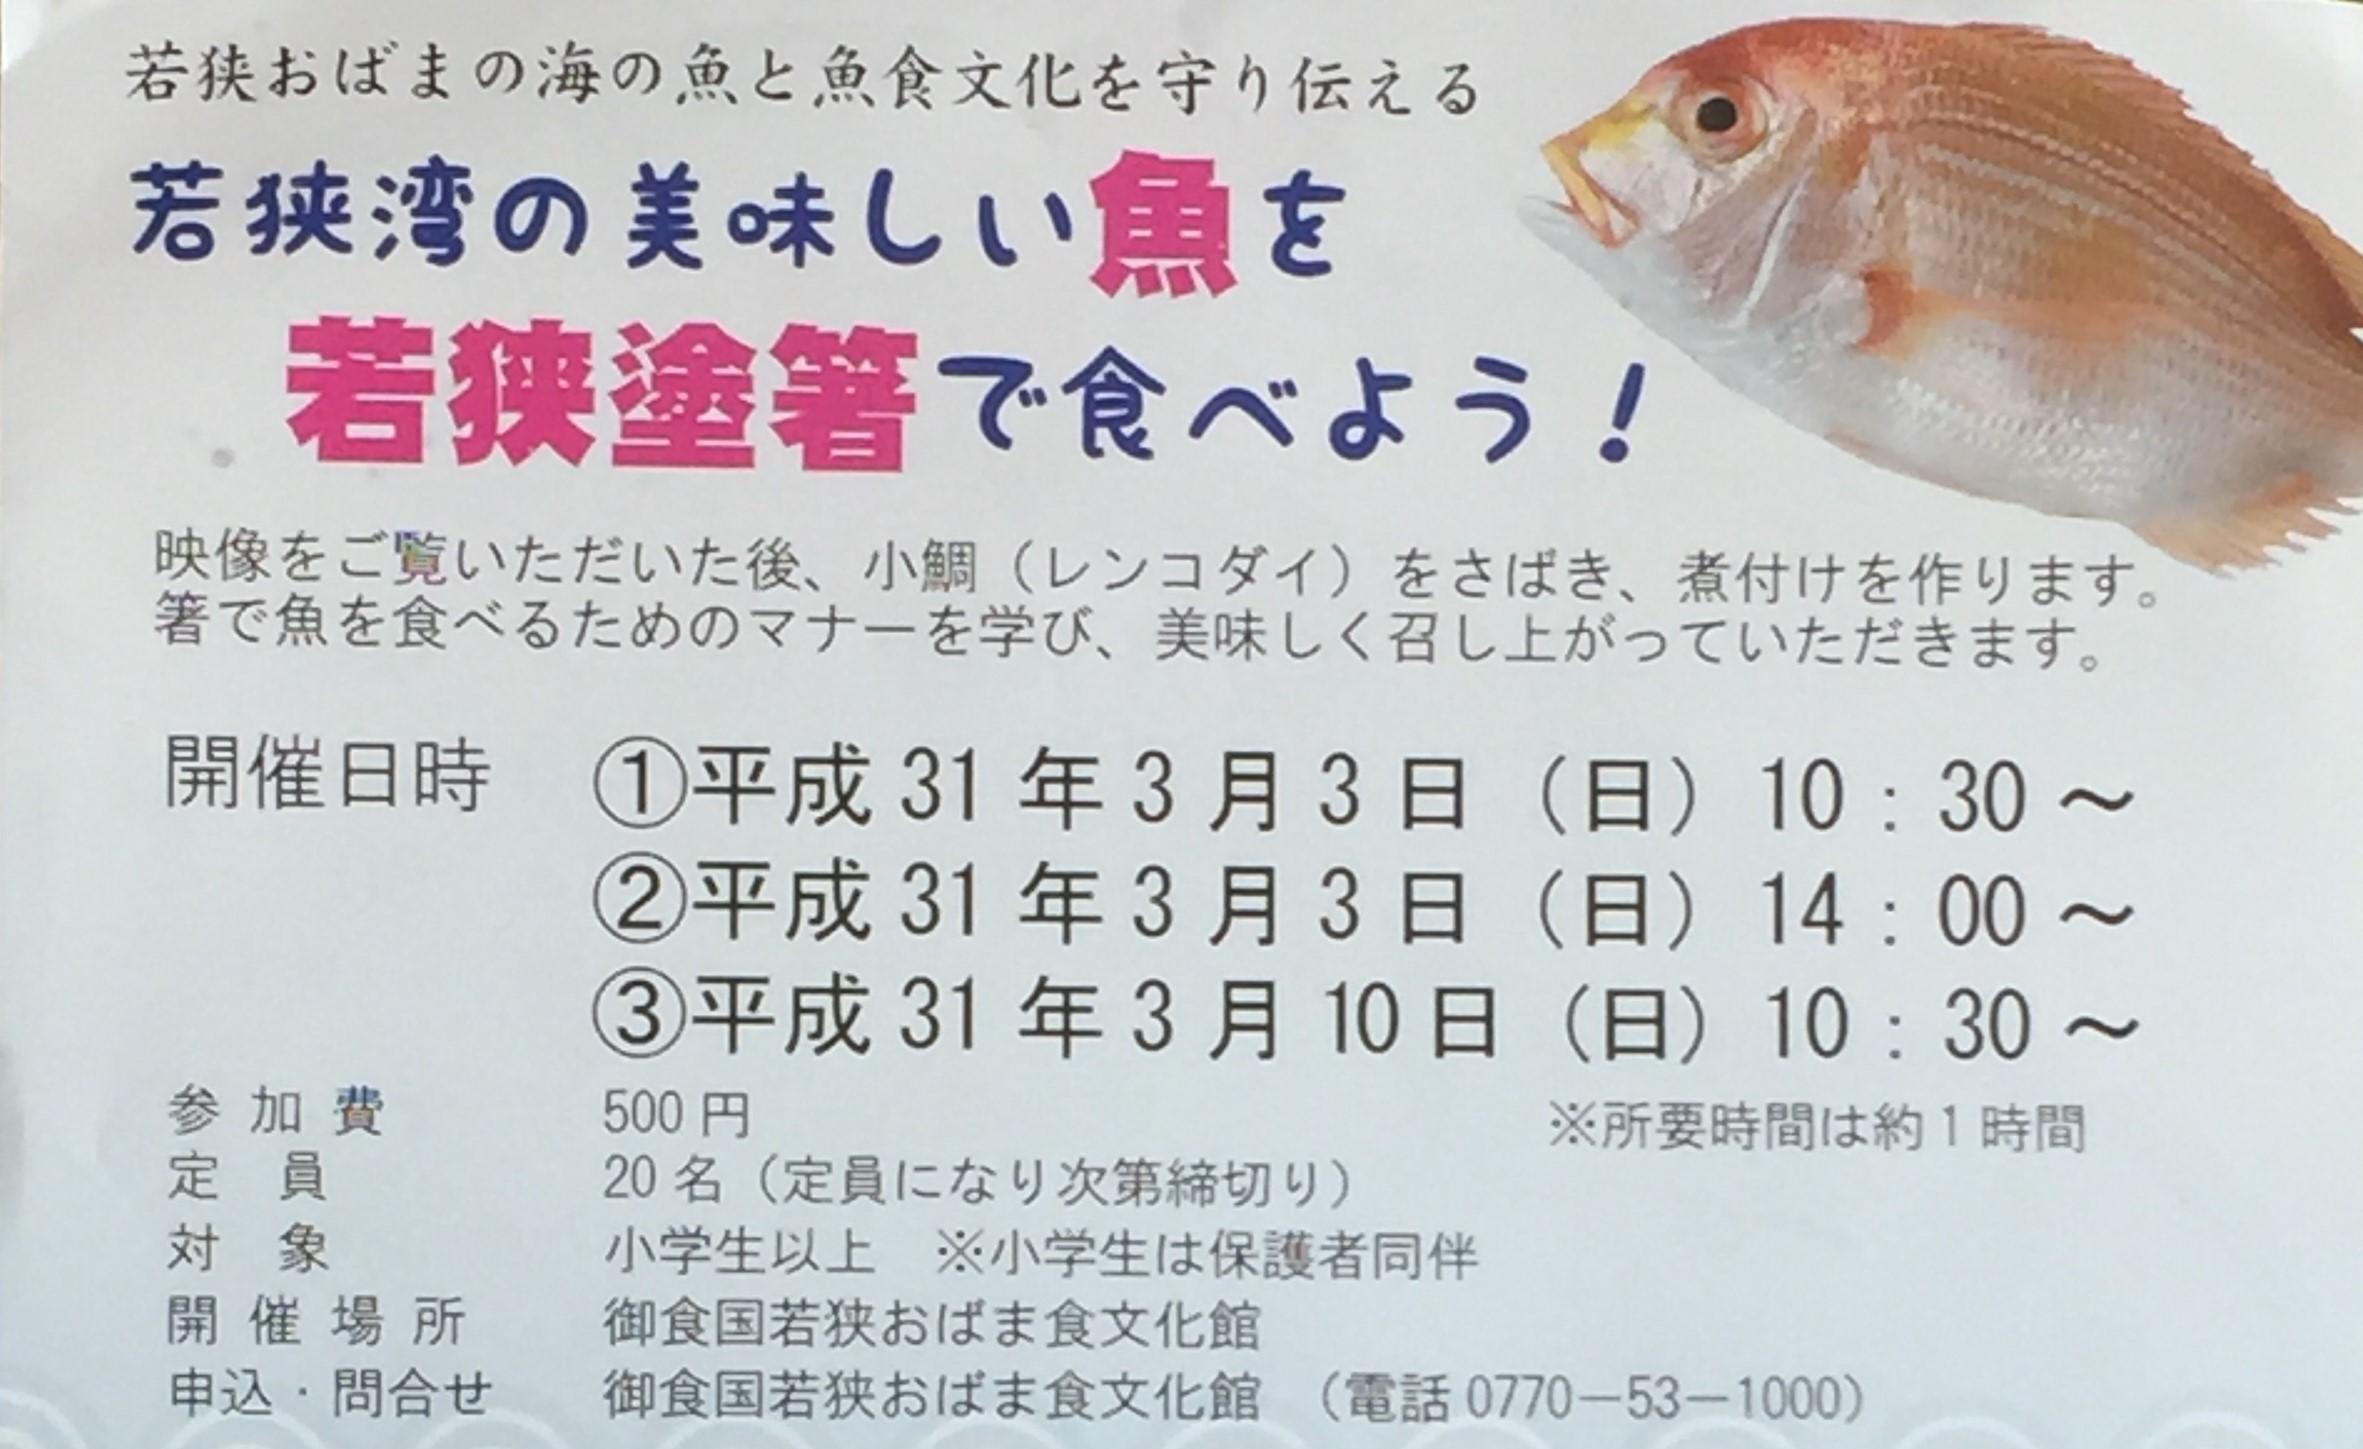 若狭湾の美味しい魚を若狭塗箸で食べよう!